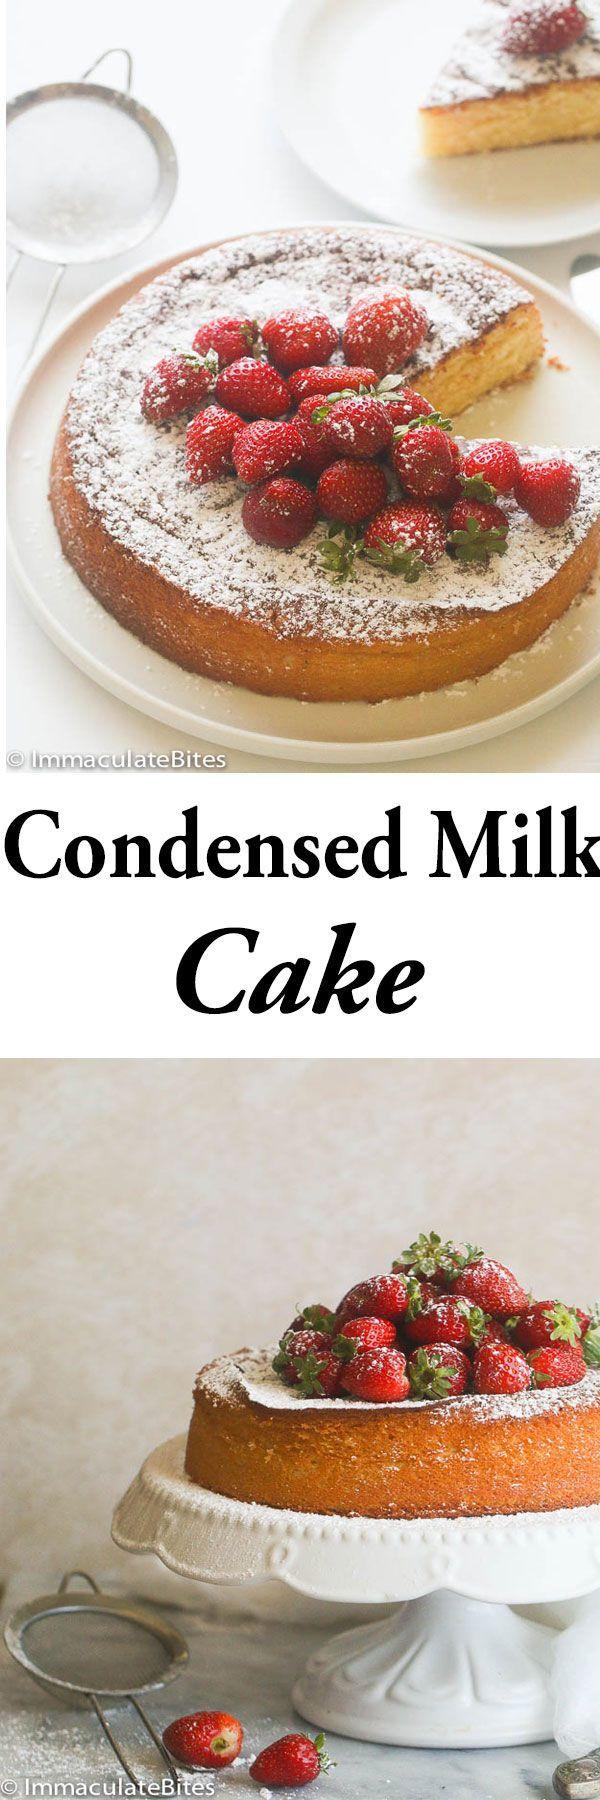 Cake recipes using condensed milk uk